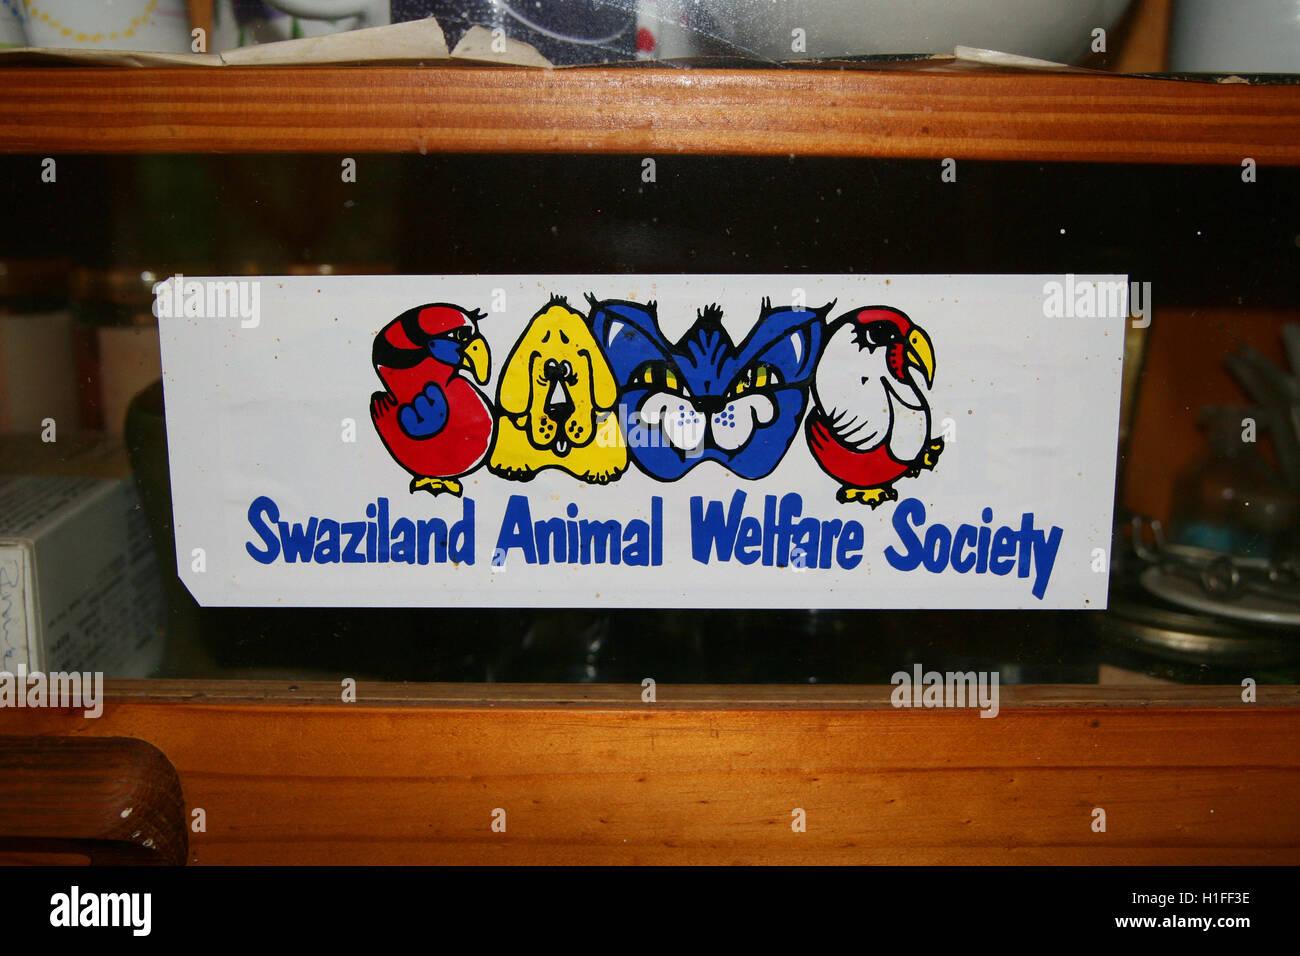 Swaziland Animal Welfare Society, seghe, Regno di Swaziland Immagini Stock